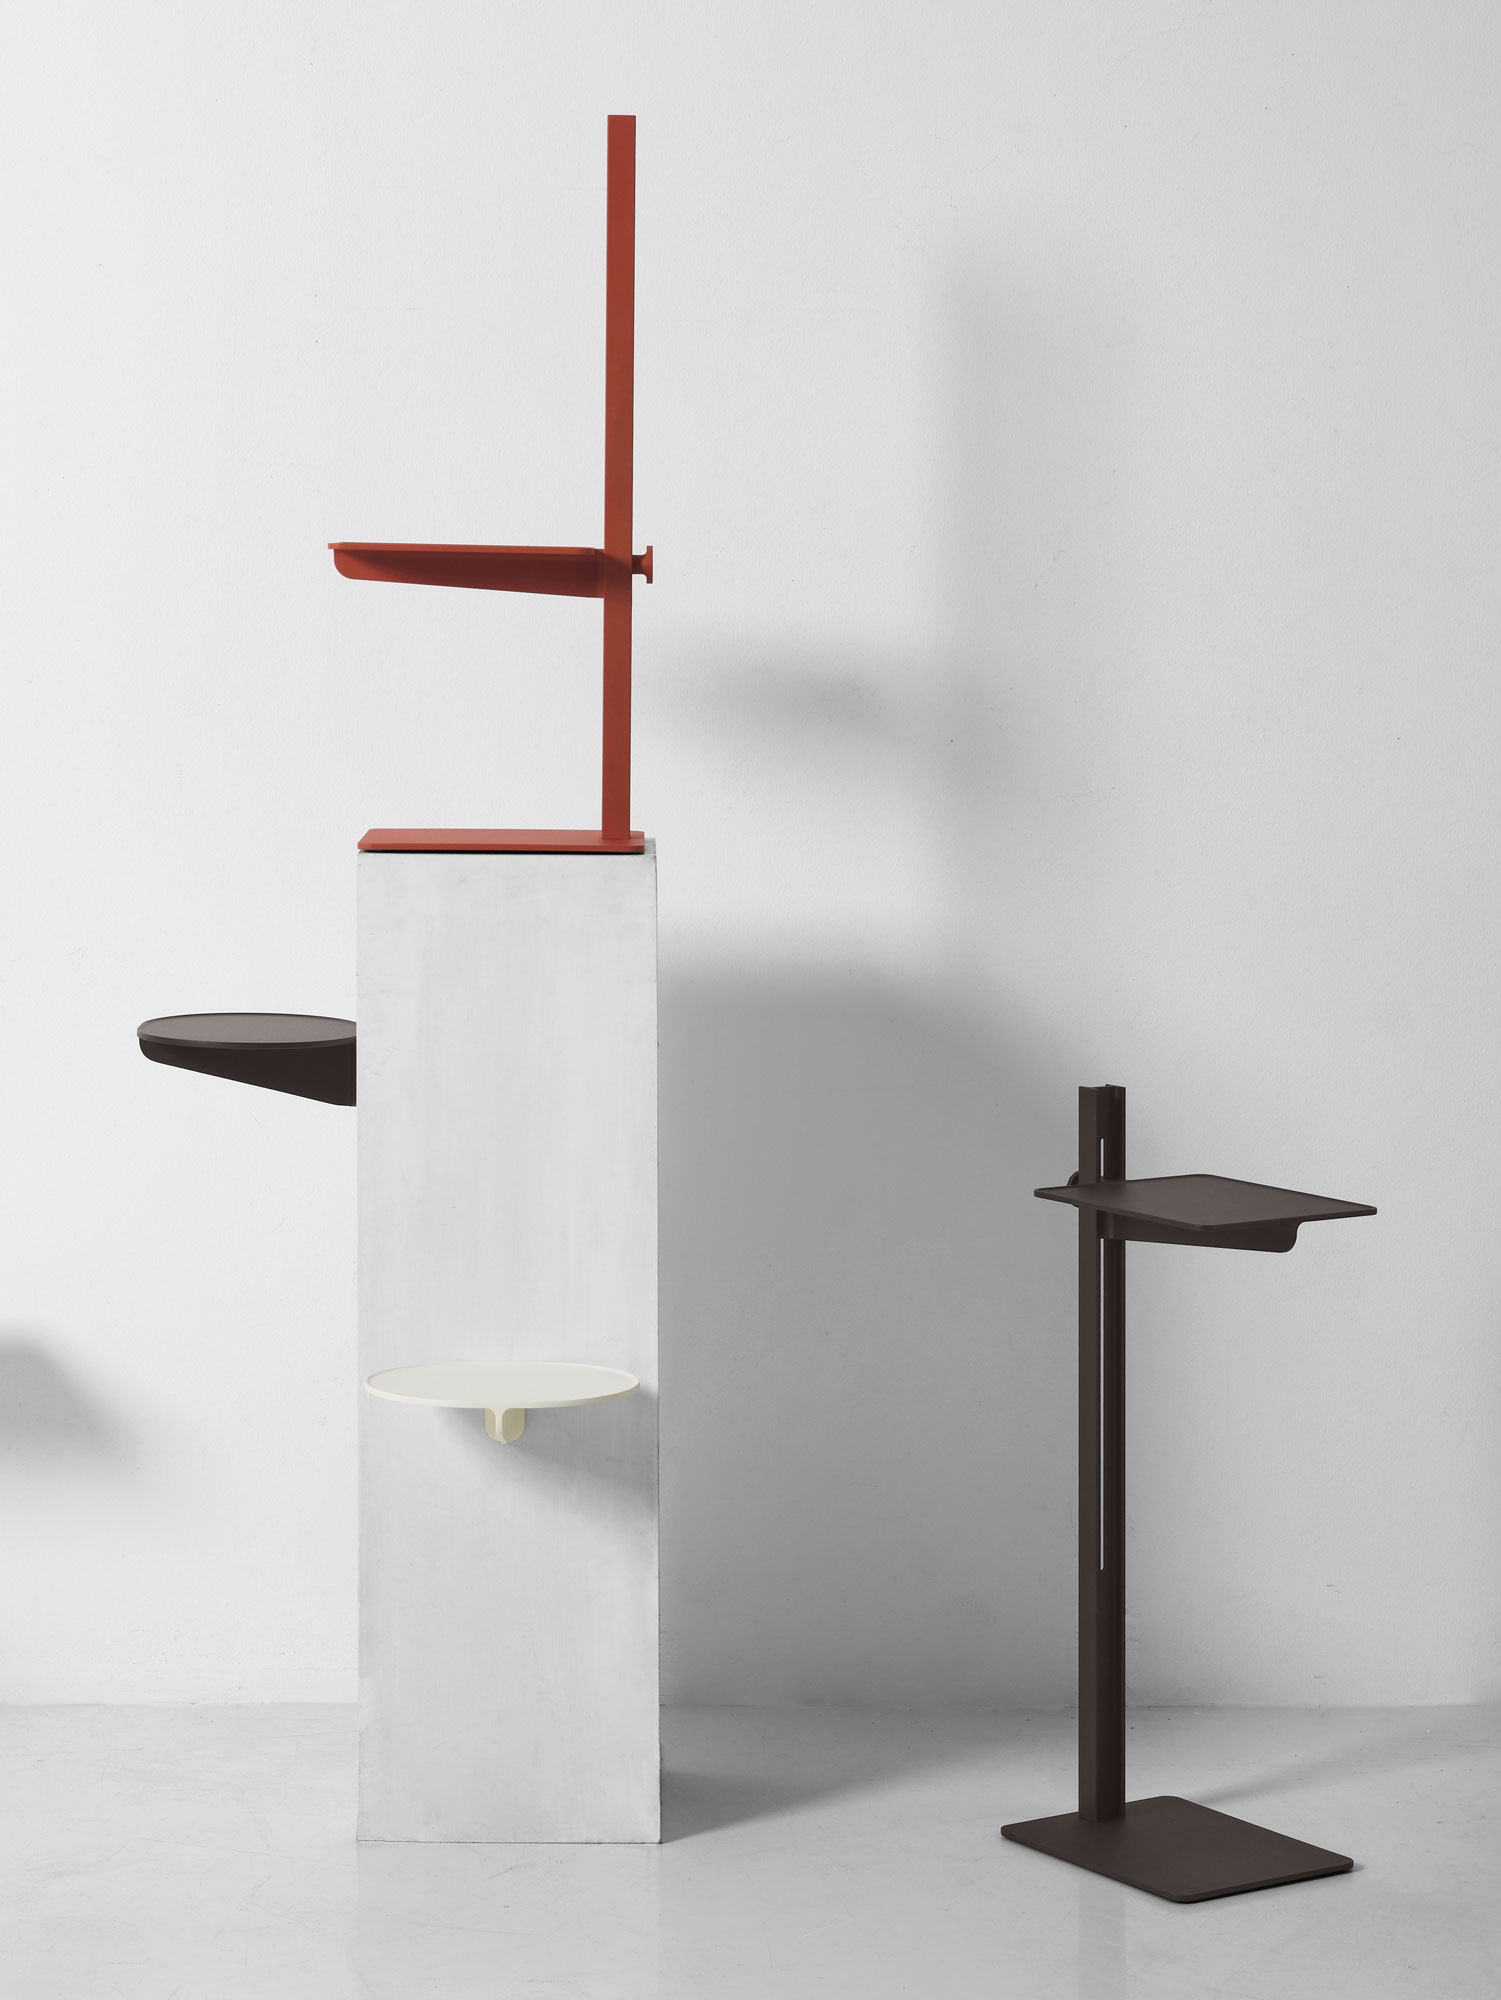 Vielseitiger Beistelltisch und Ablage von TAF Studio für String Furniture